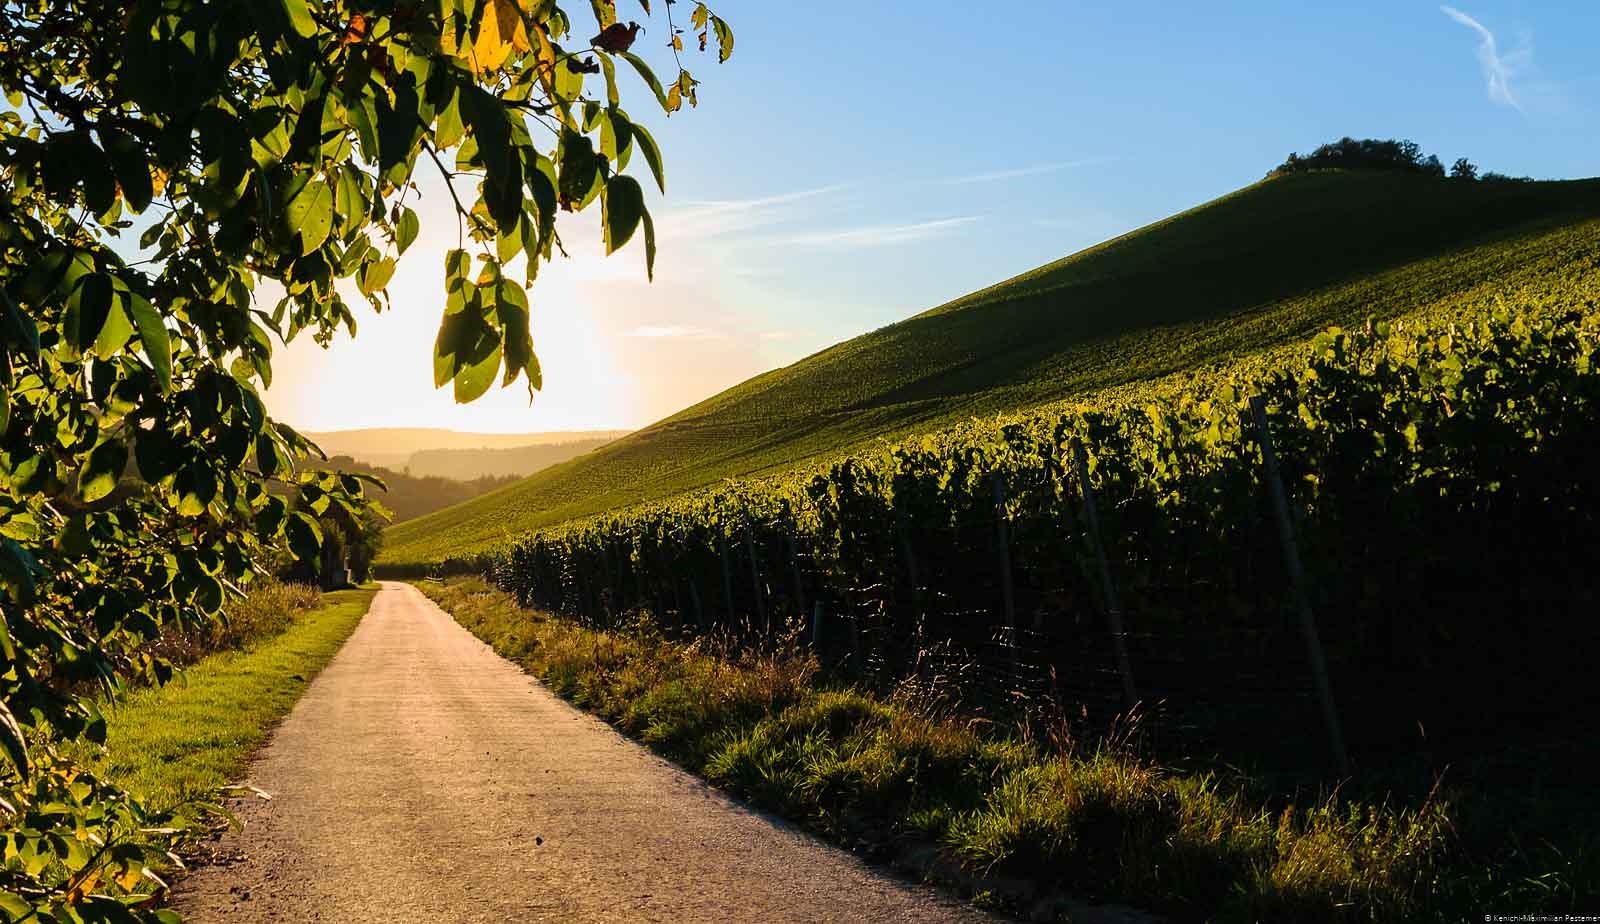 Auf der rechten Seite befindet sich der Weinberg, der ein Mythos ist.